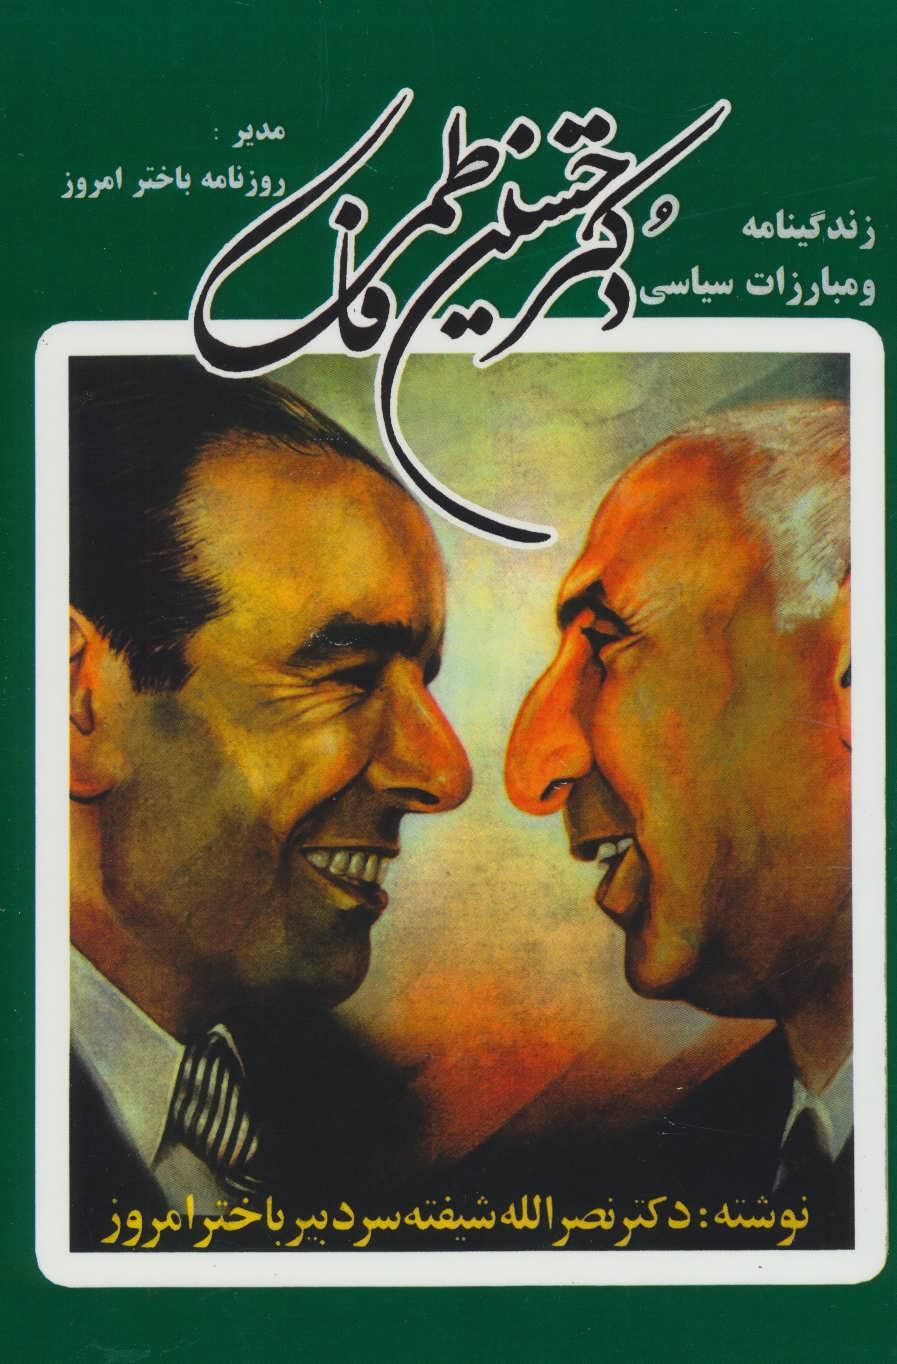 کتاب زندگینامه و مبارزات سیاسی دکتر حسین فاطمی